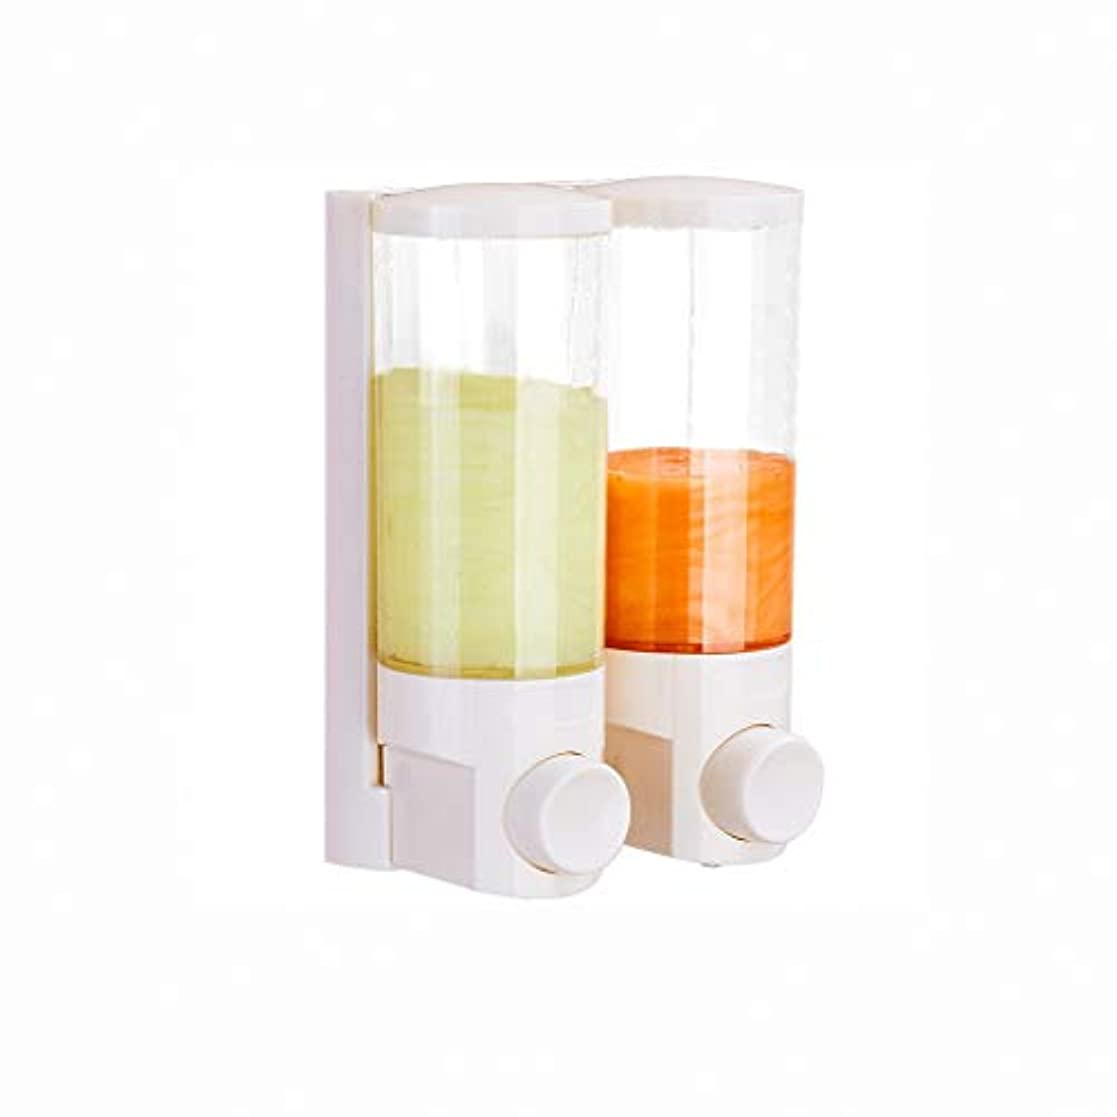 居心地の良い毒液石のせっけん 石鹸ディスペンサー泡立てボトル洗顔器シャンプーシャワージェル分配ハンドサニタイザーボックスプレス壁掛け用オフィスバスルームキッチンダブルヘッド 新しい